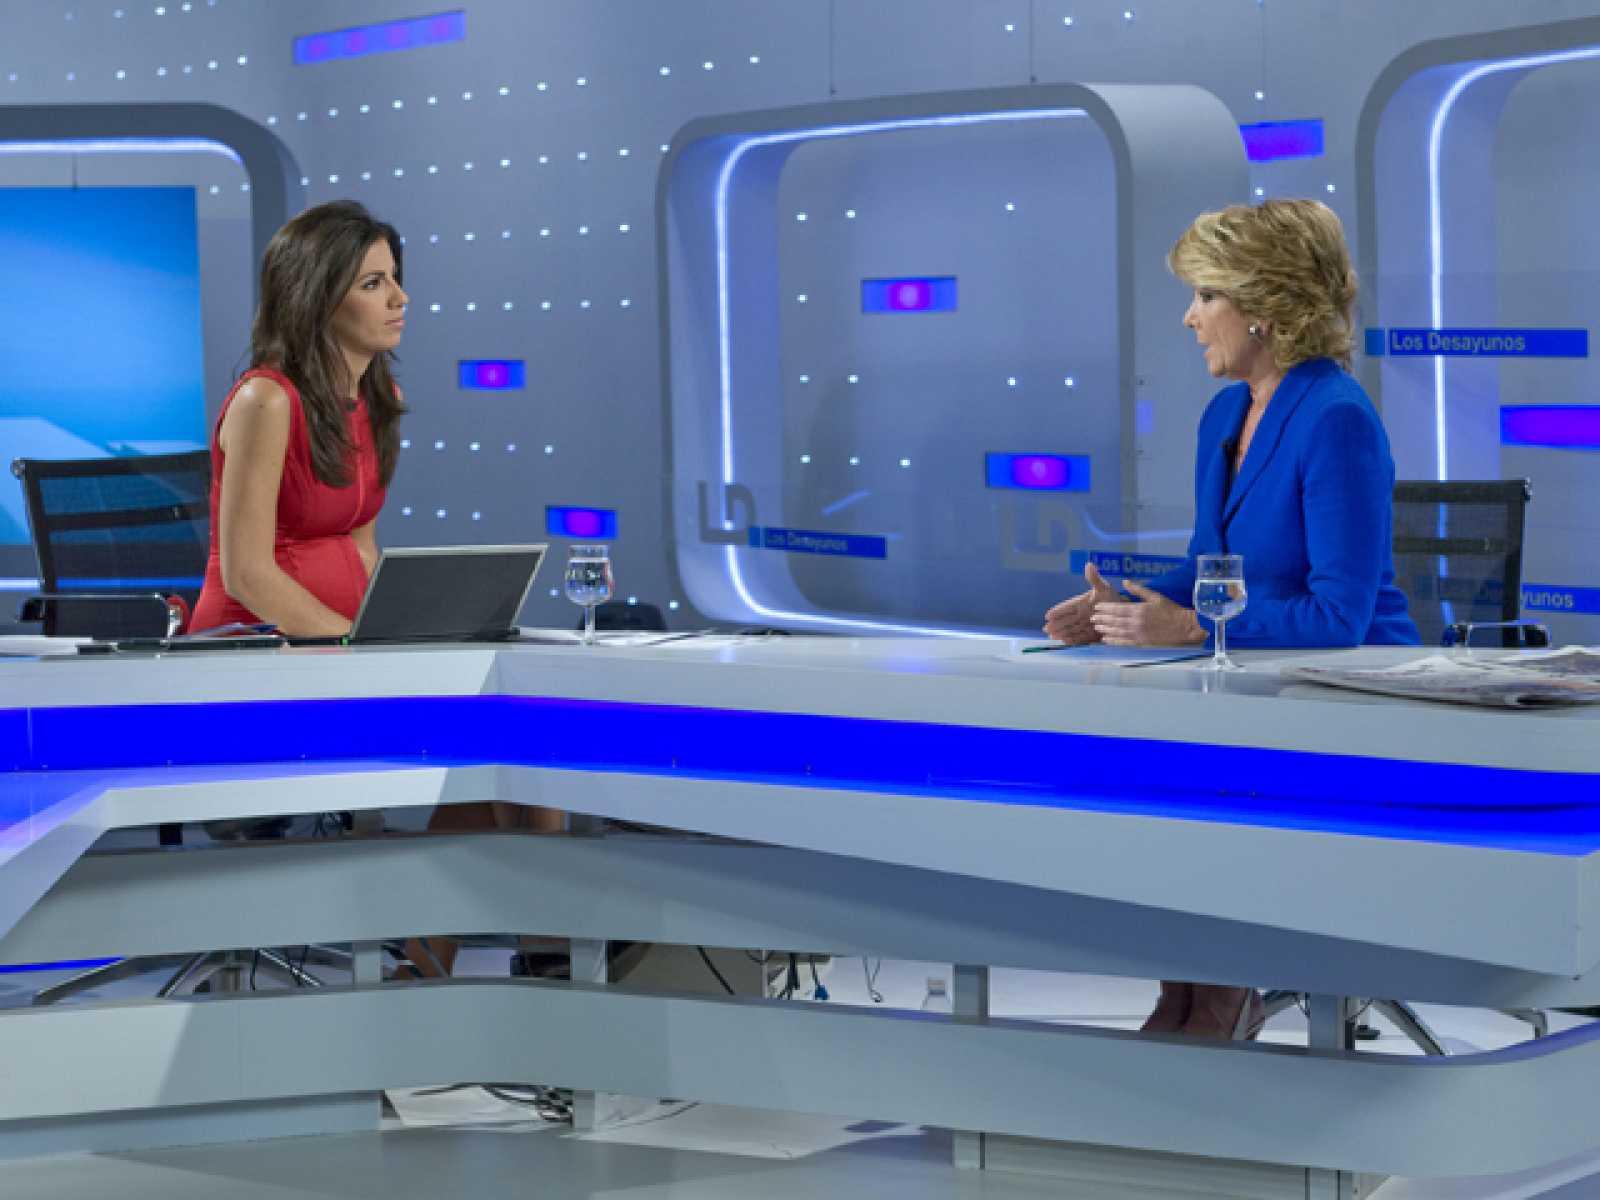 Entrevista íntegra a Esperanza Aguirre en 'Los desayunos de TVE'